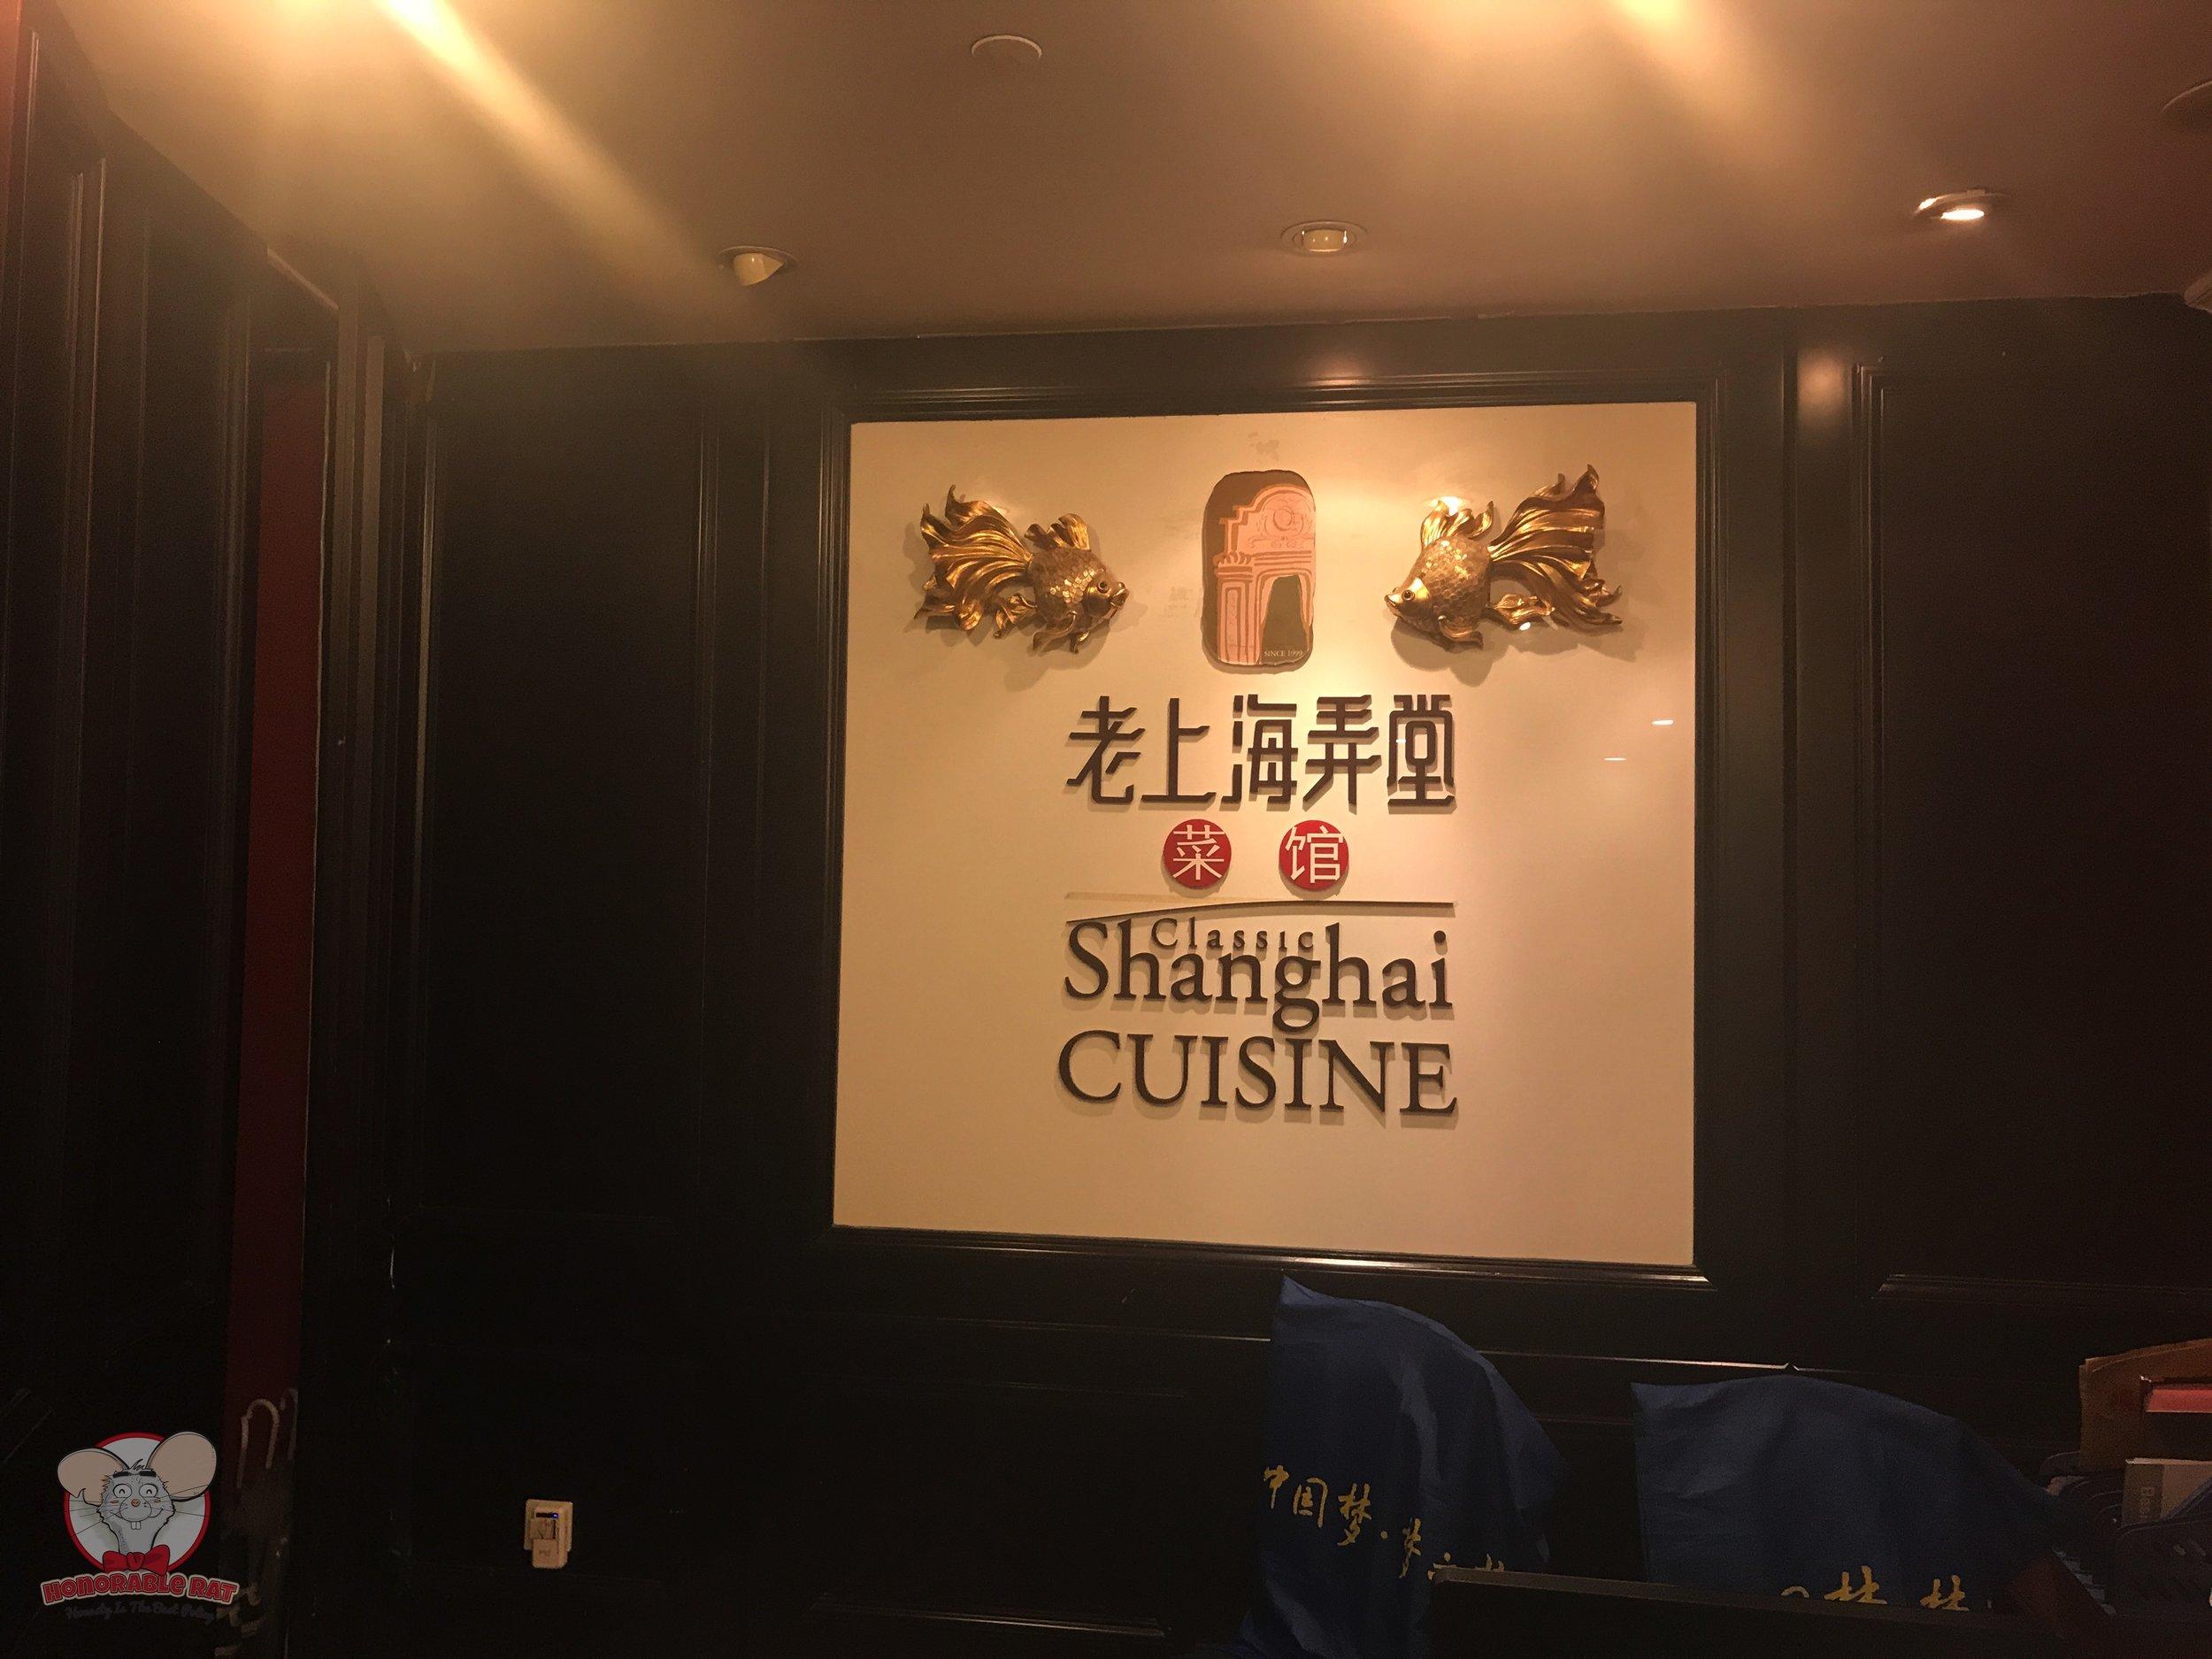 Classic Shanghai Cuisine restaurant